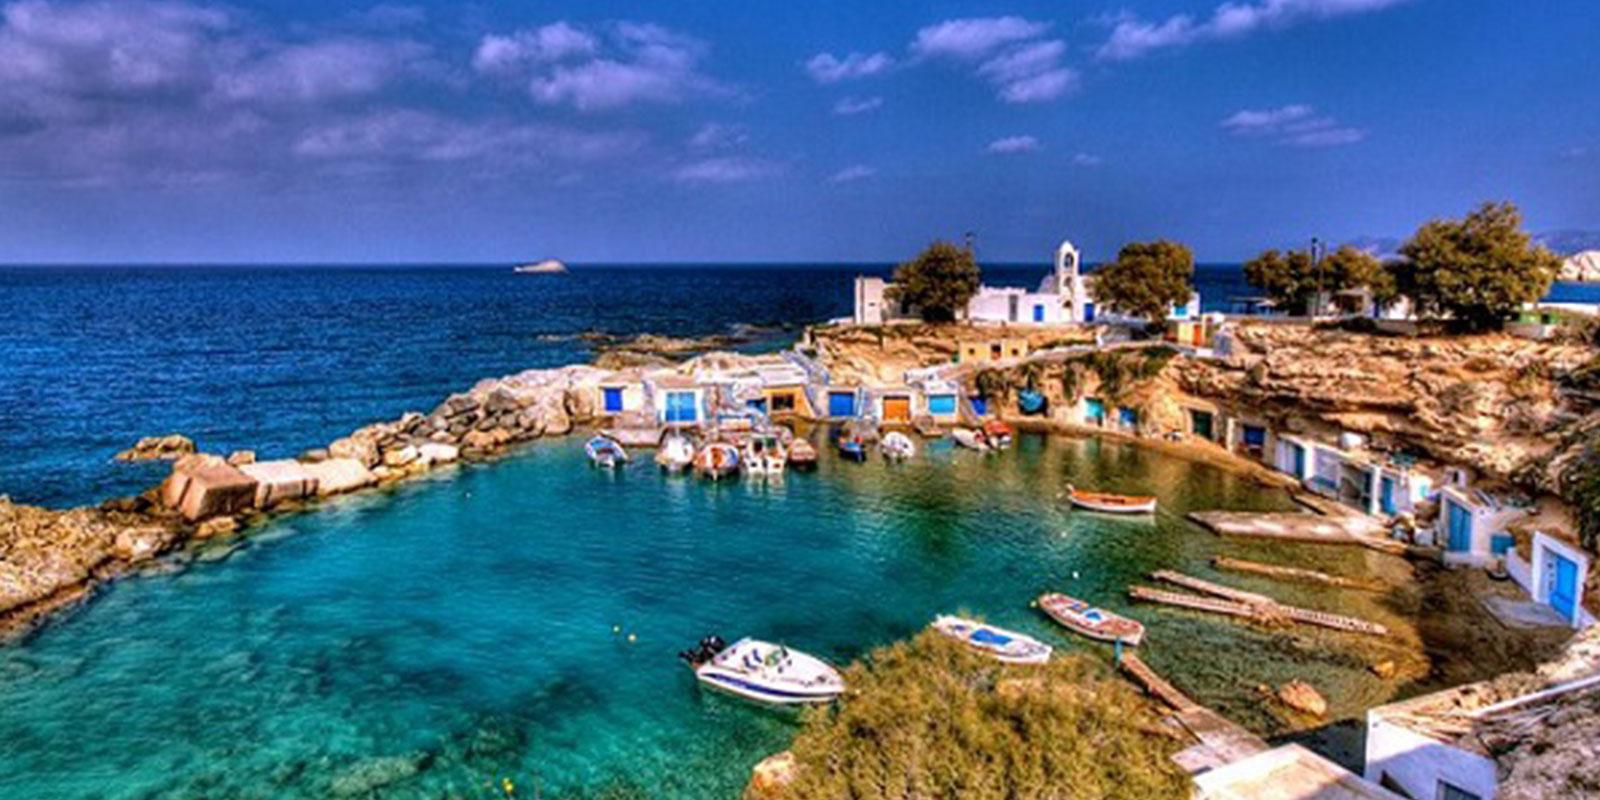 Milos-yunan adaları